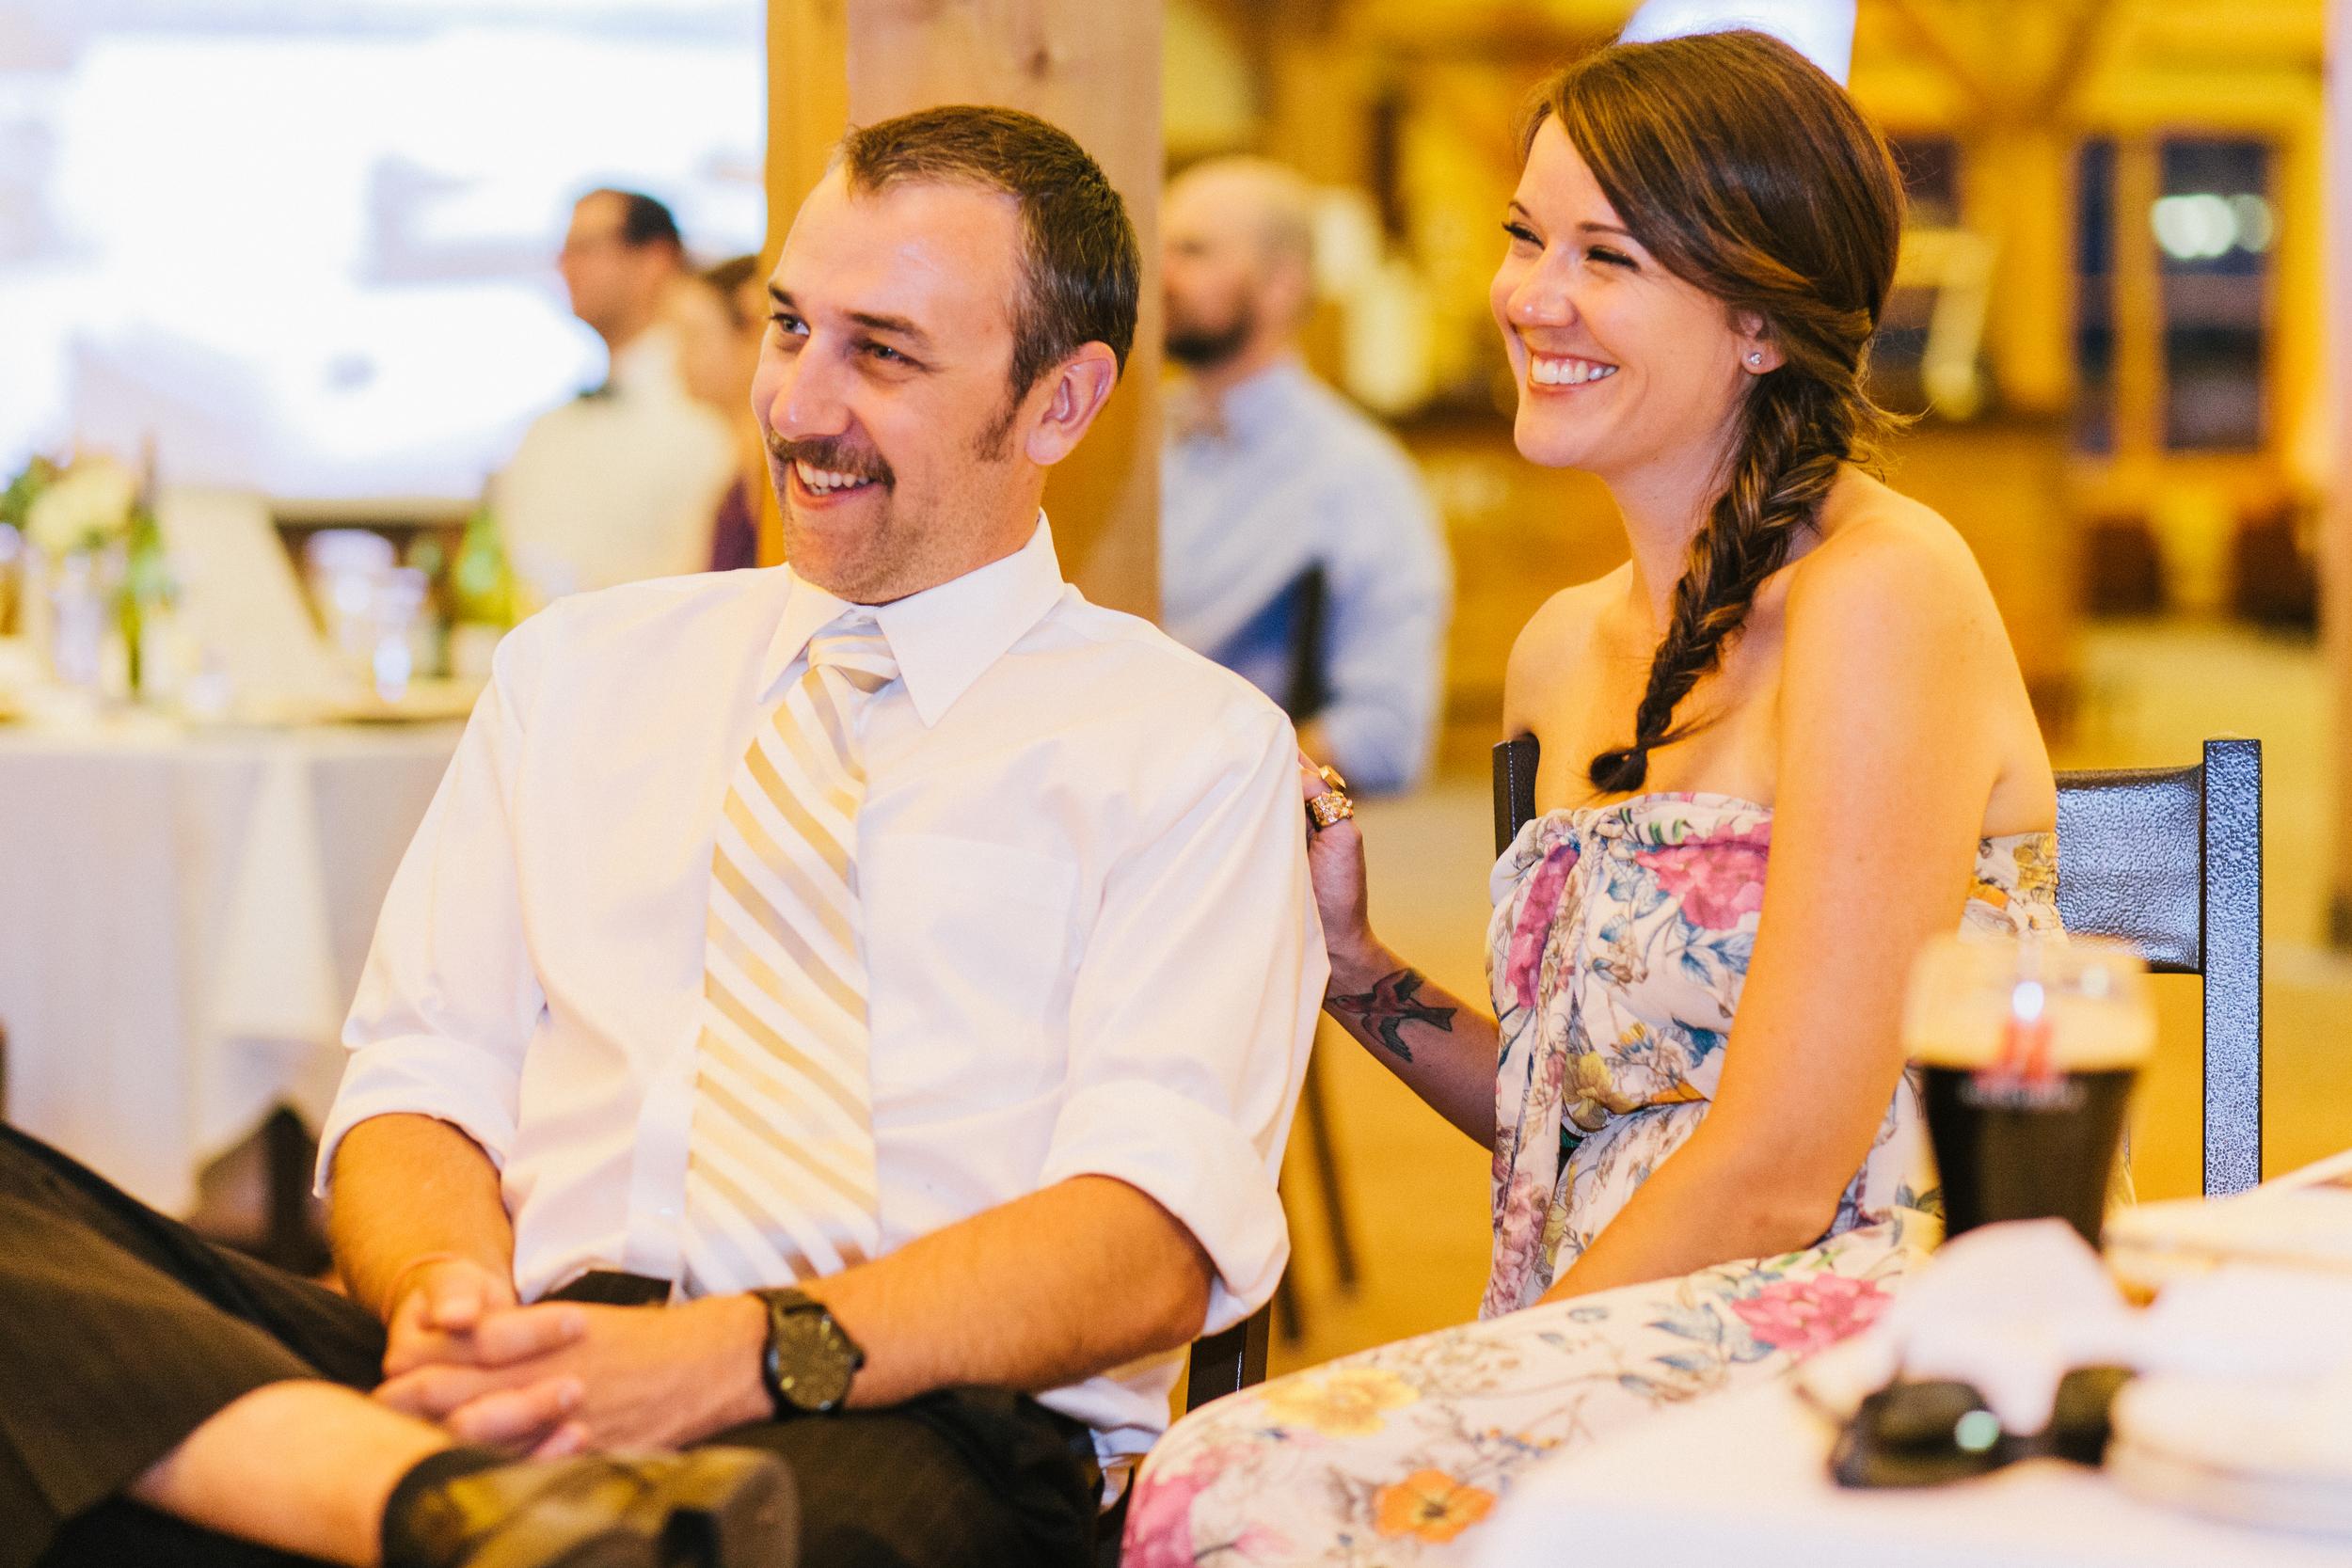 michael-rousseau-photography-shannae-ingleton-wedding-sean-craigleith-ski-club-wedding081.jpg